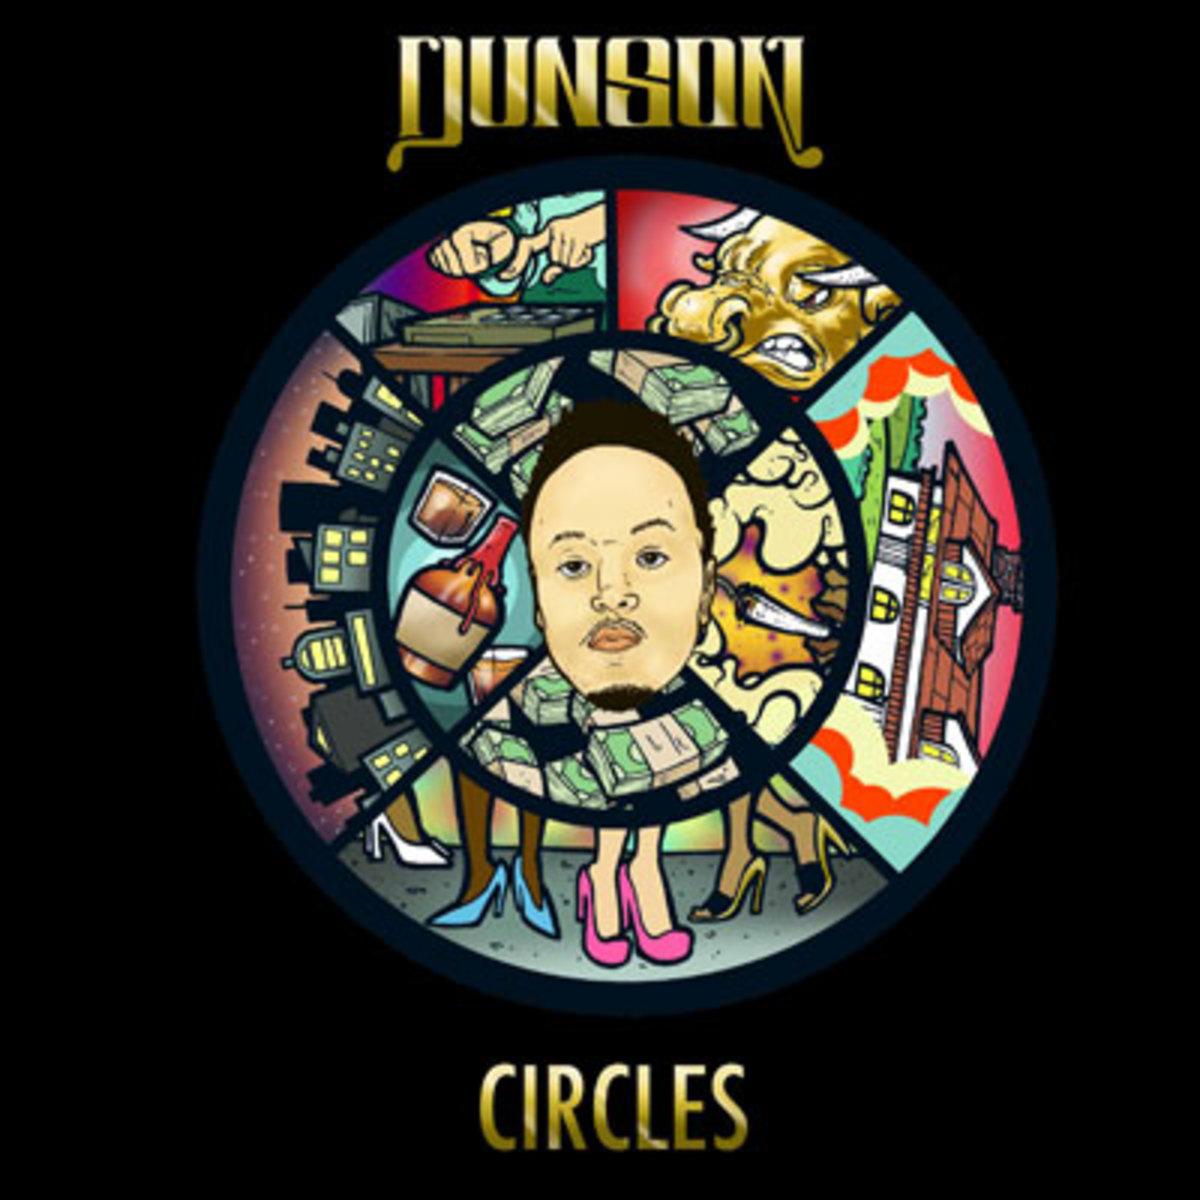 dunson-circles.jpg